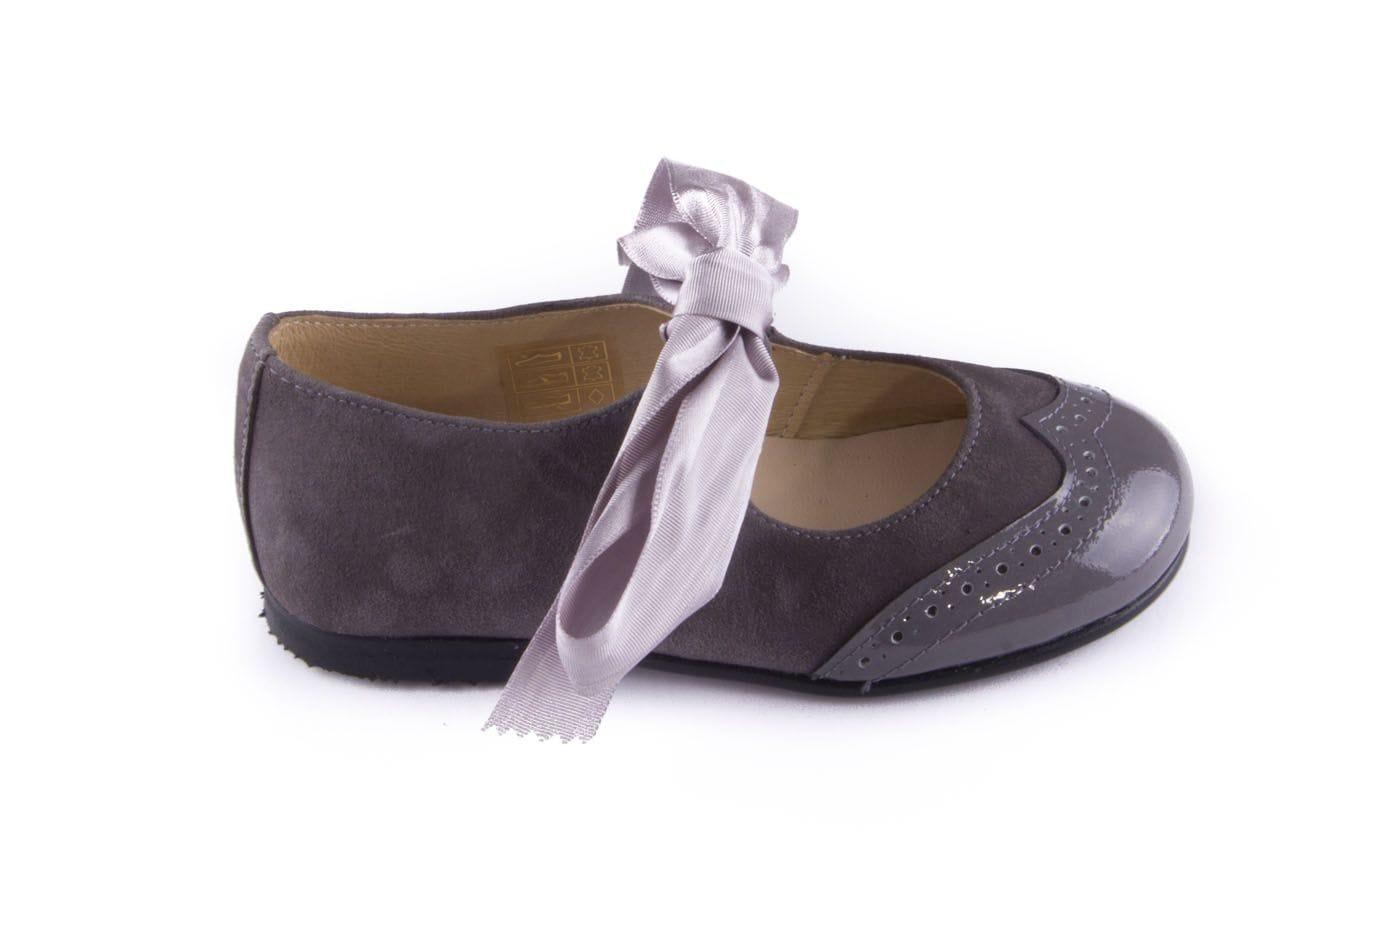 d8e02ca0 Comprar zapato tipo JOVEN NIÑA estilo MERCEDES COLOR GRIS CHAROL ...